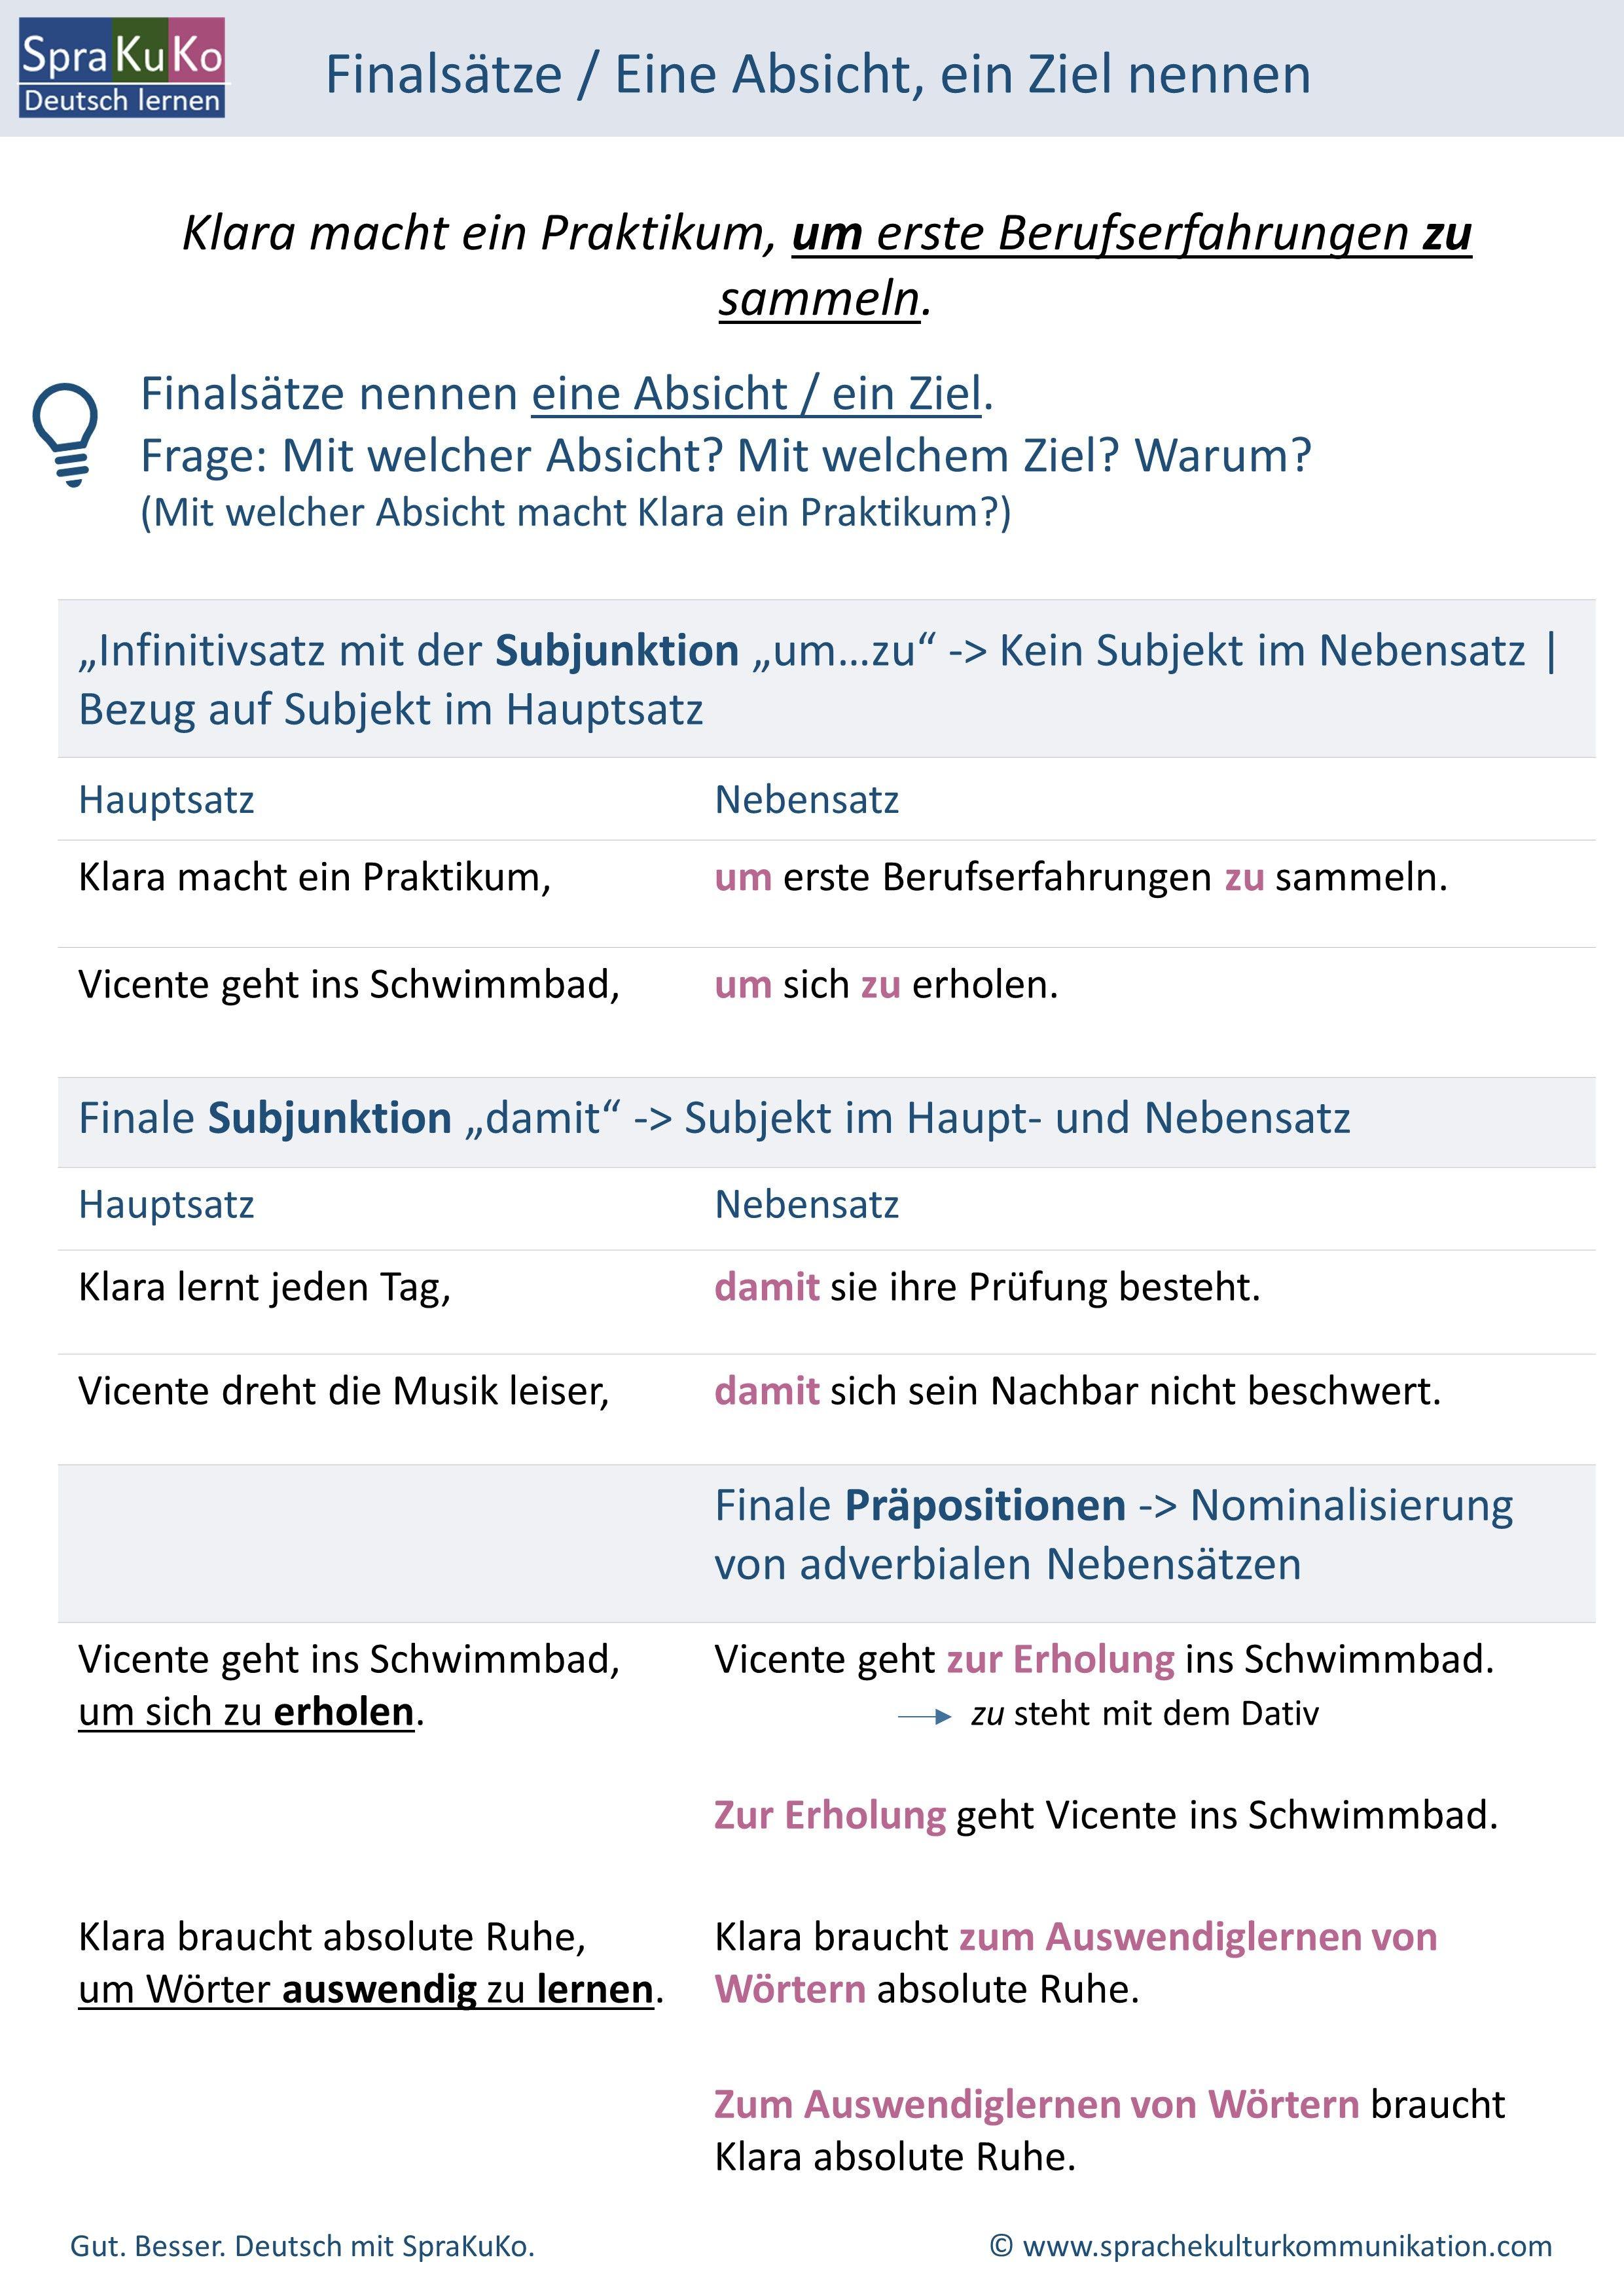 Finalsätze Eine Absicht / Ein Ziel nennen. Übersicht   German ...